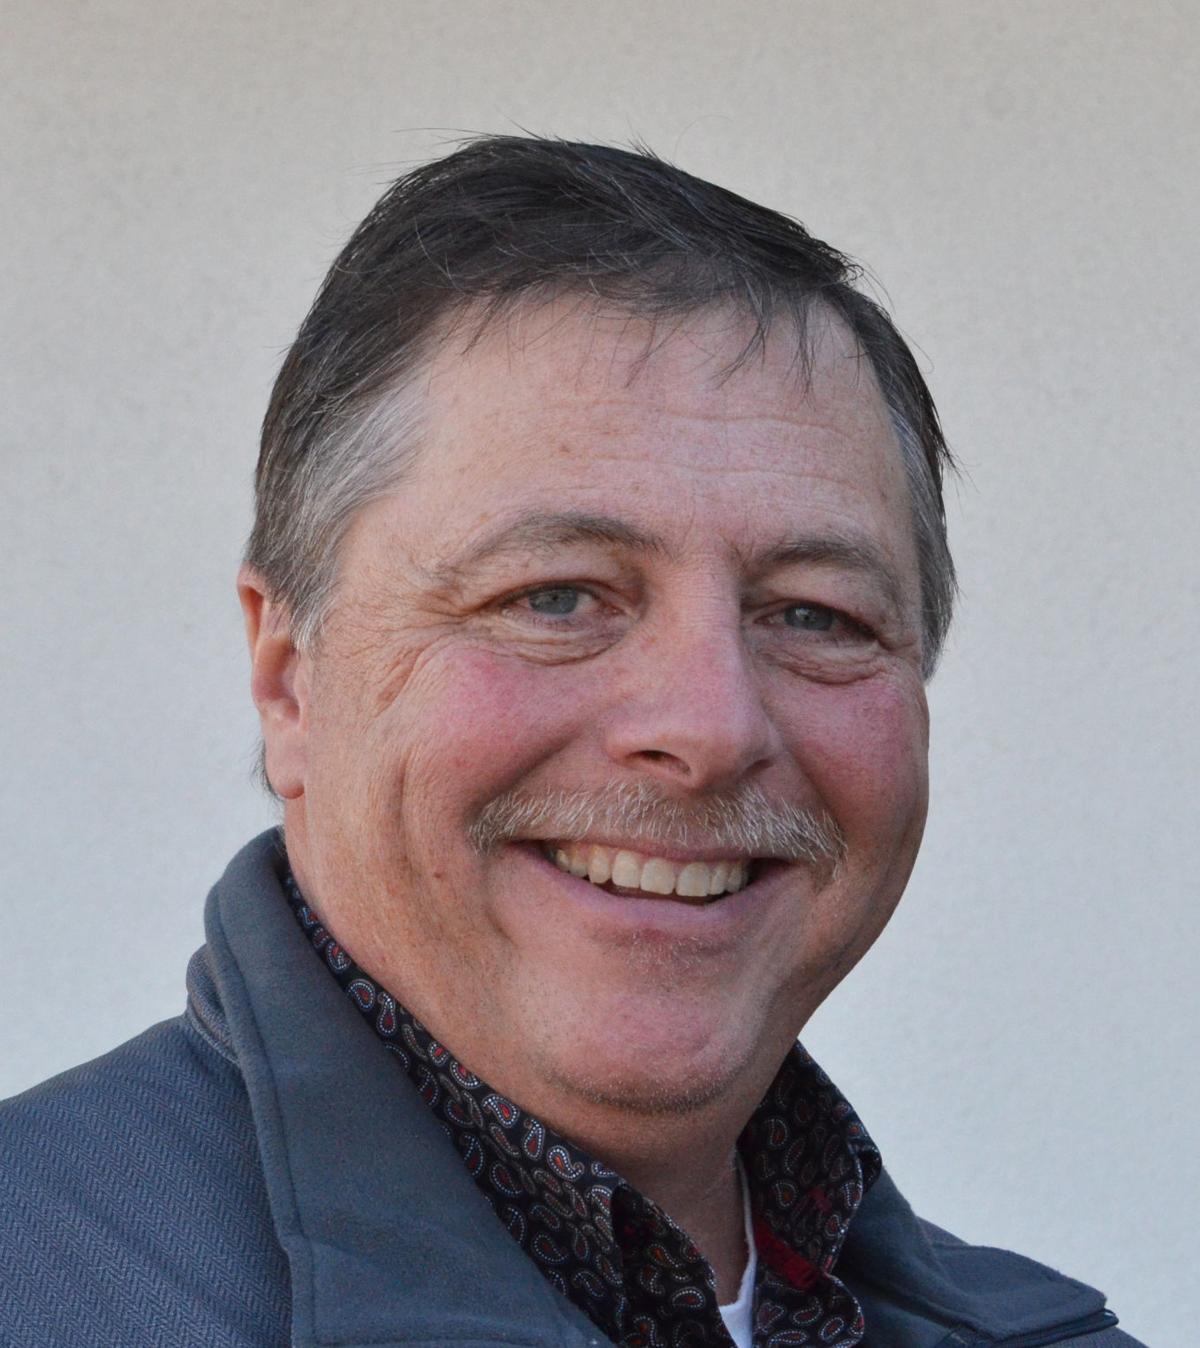 Gordon Larson